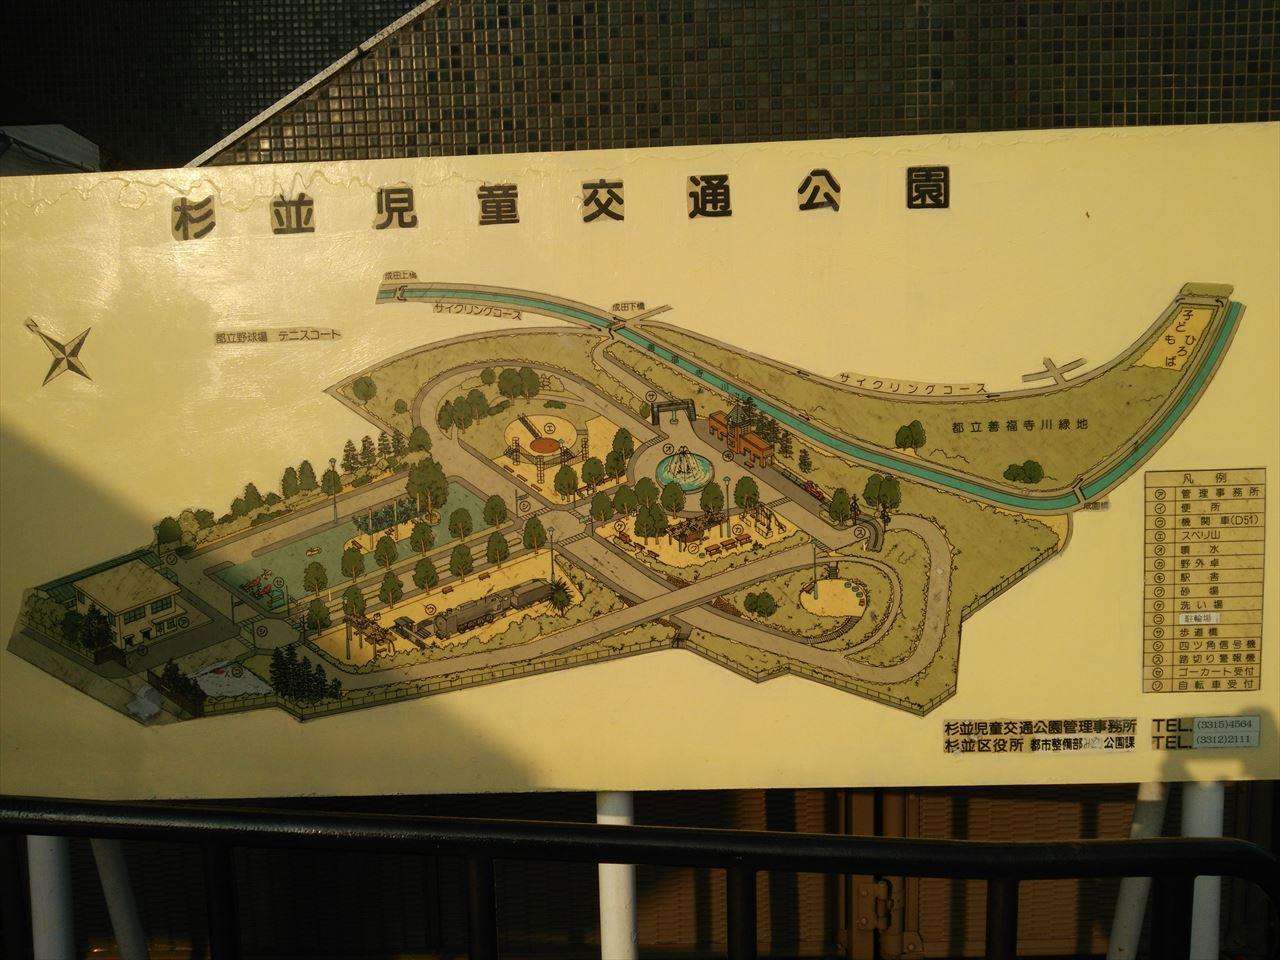 杉並児童交通公園の全体地図